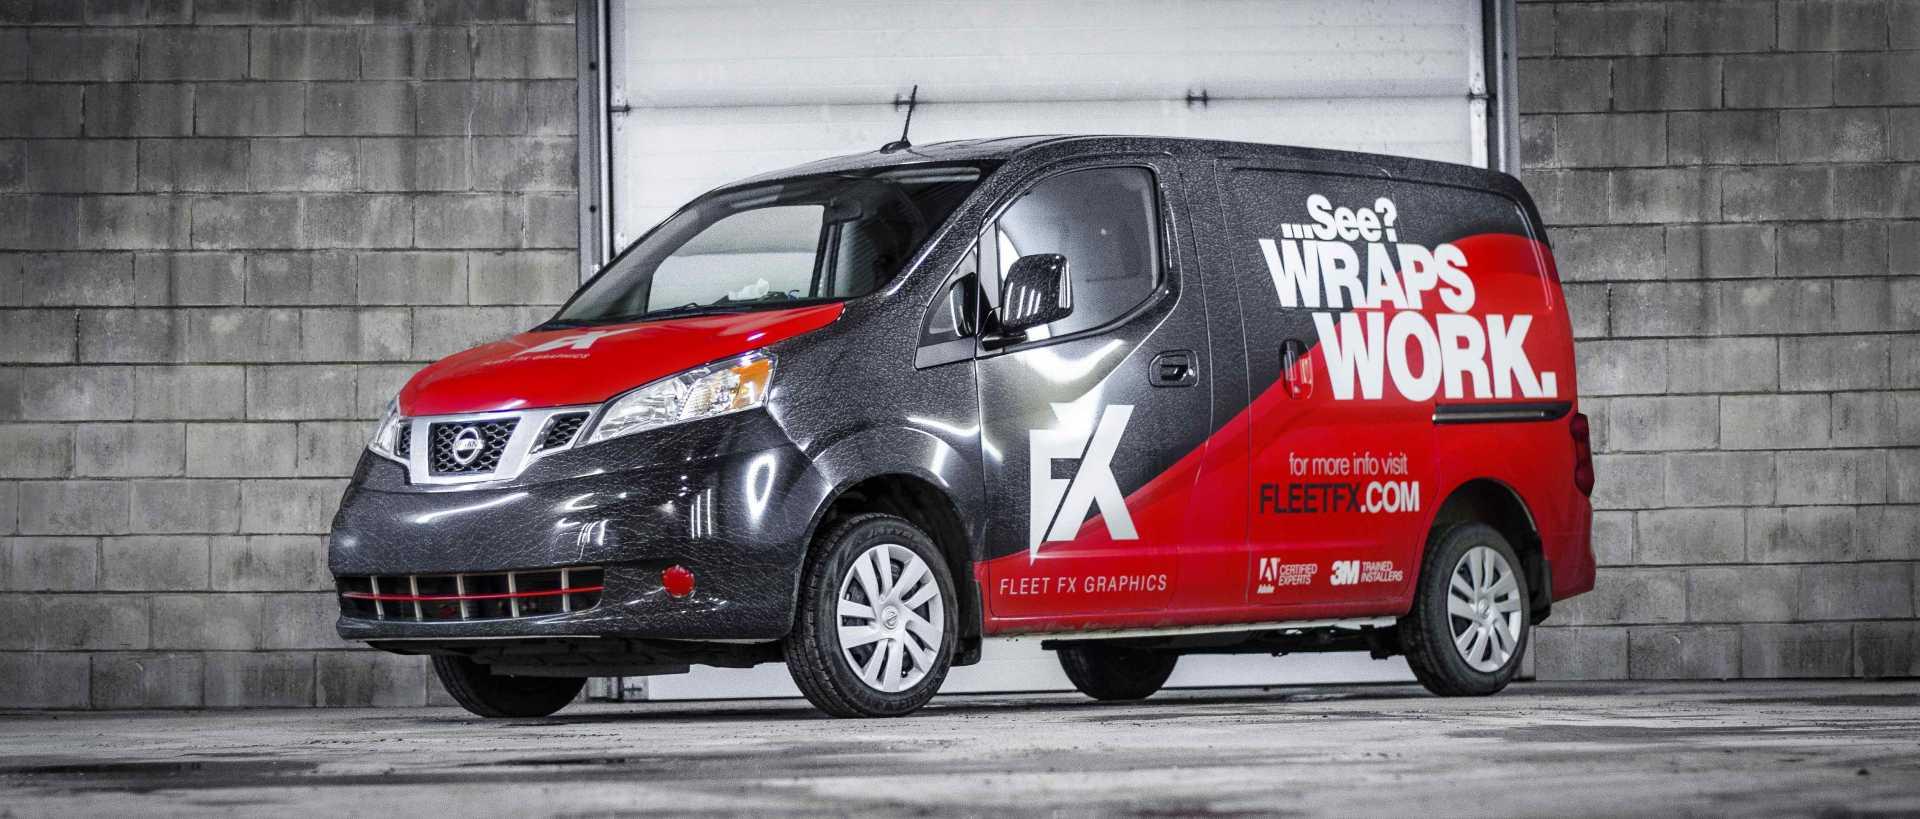 Fleet Fx Edmonton Vehicle Wraps Fleet Decals Vinyl